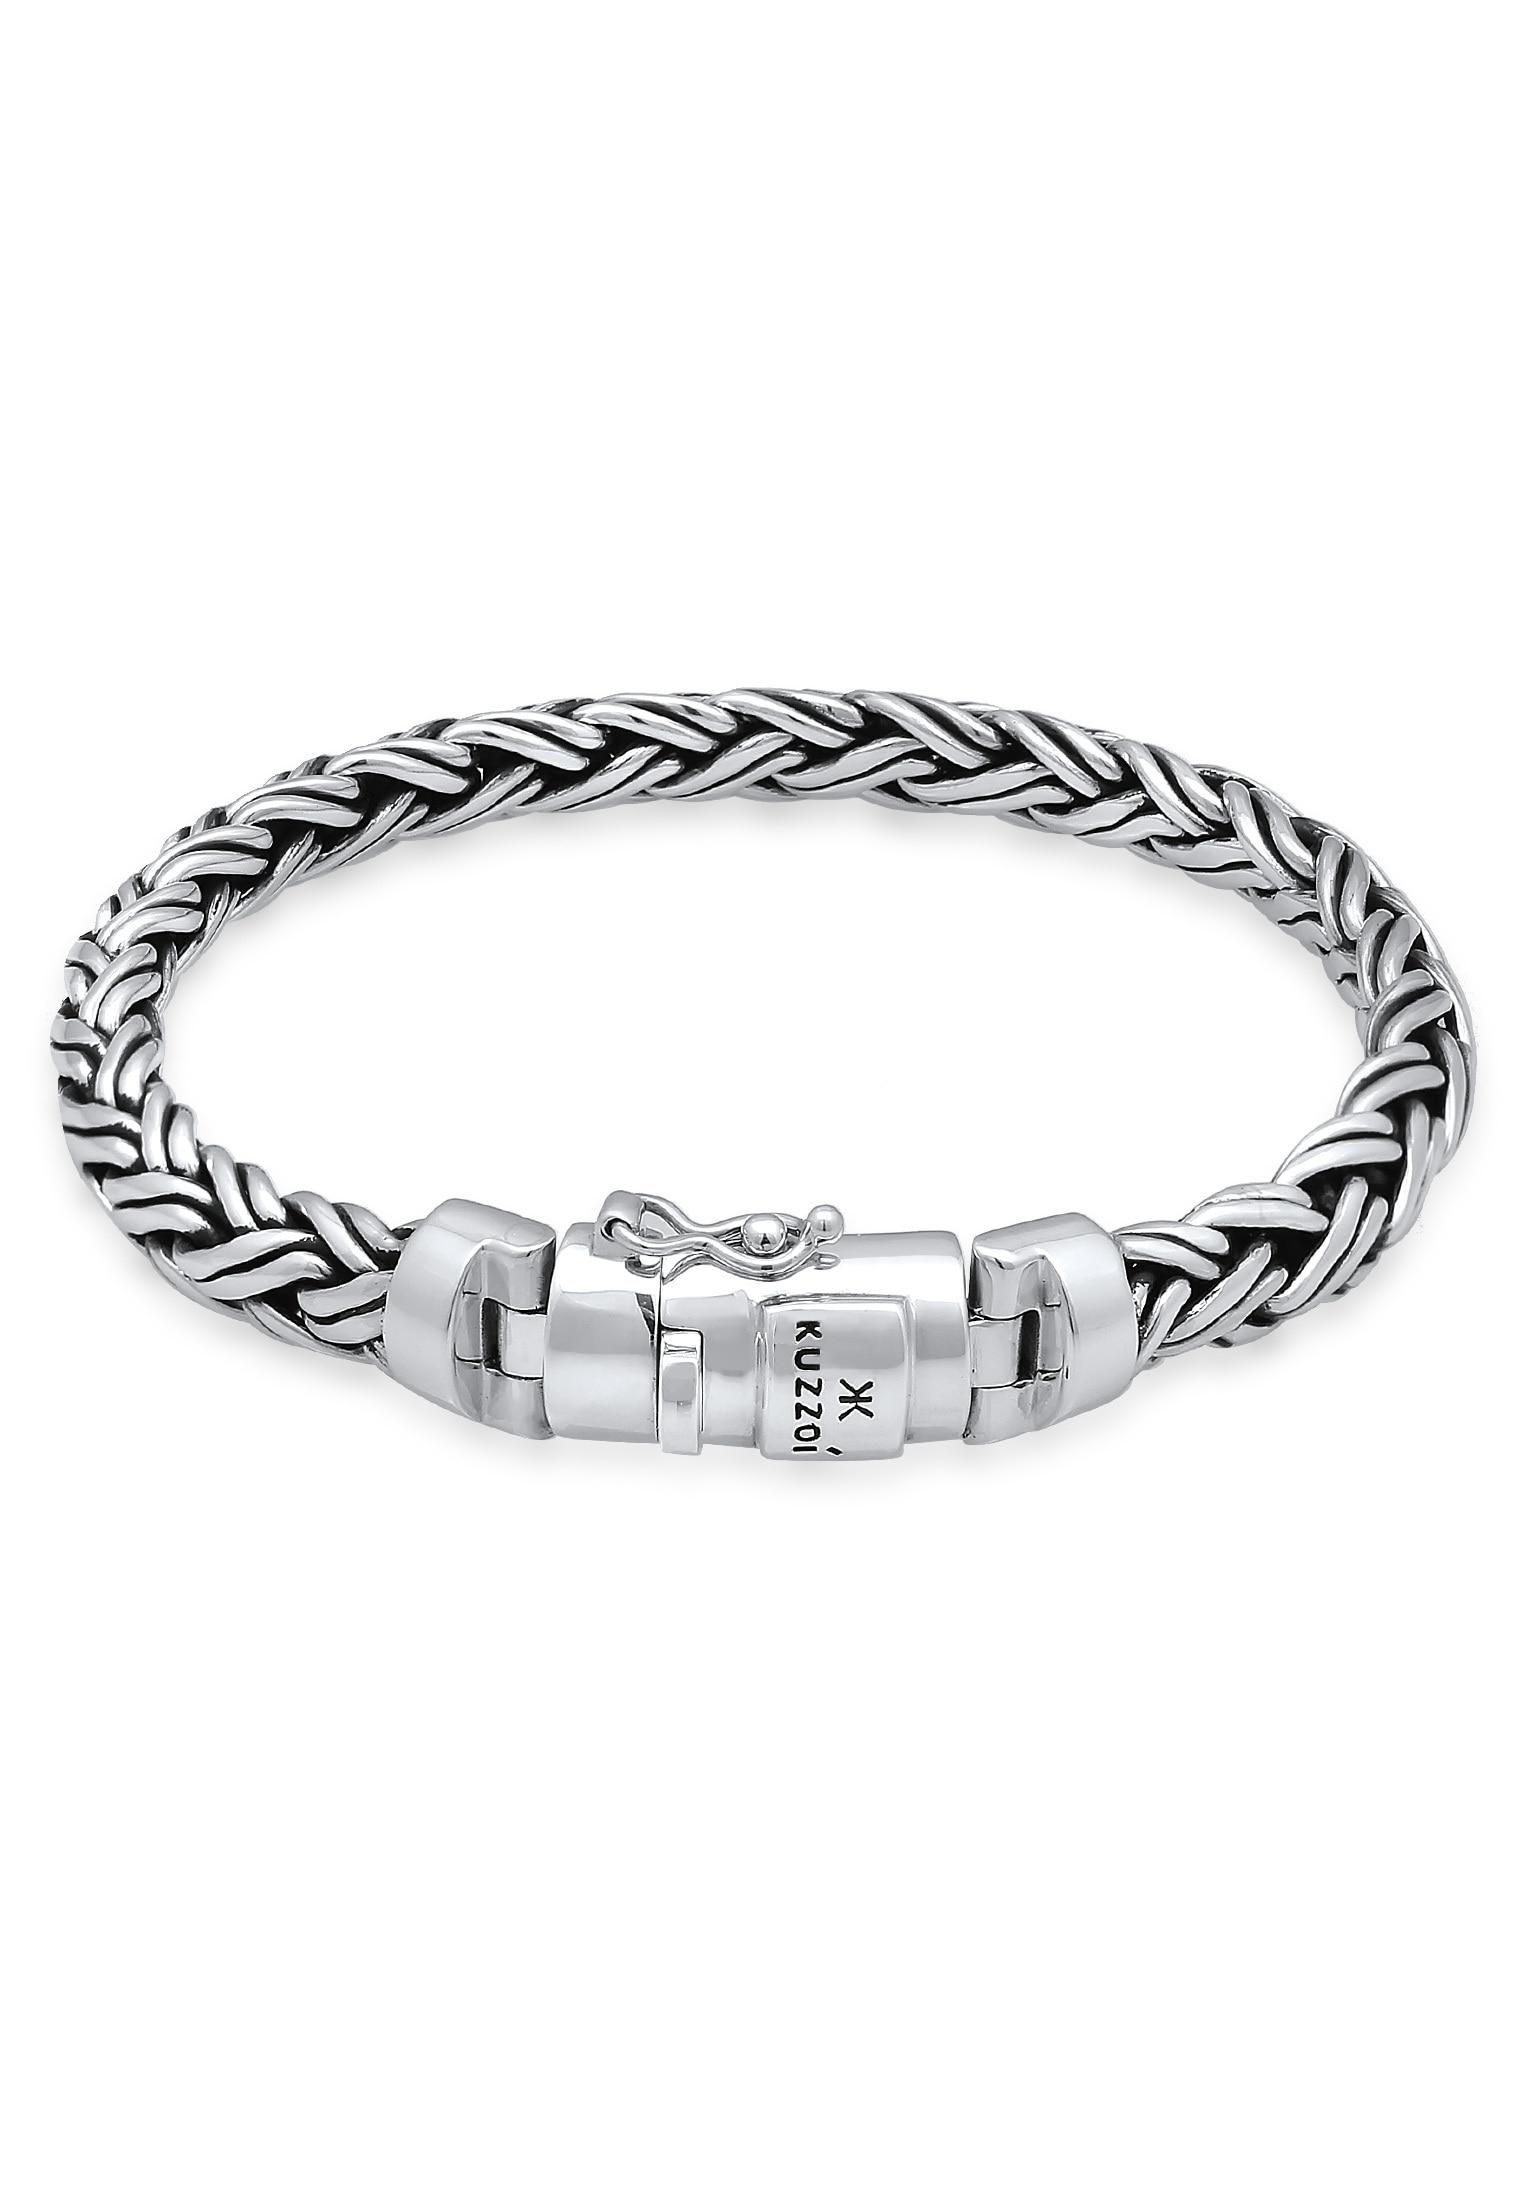 Königskette 925 Silber 4Mm Preisvergleich • Die besten Angebote ... 930882ddc9